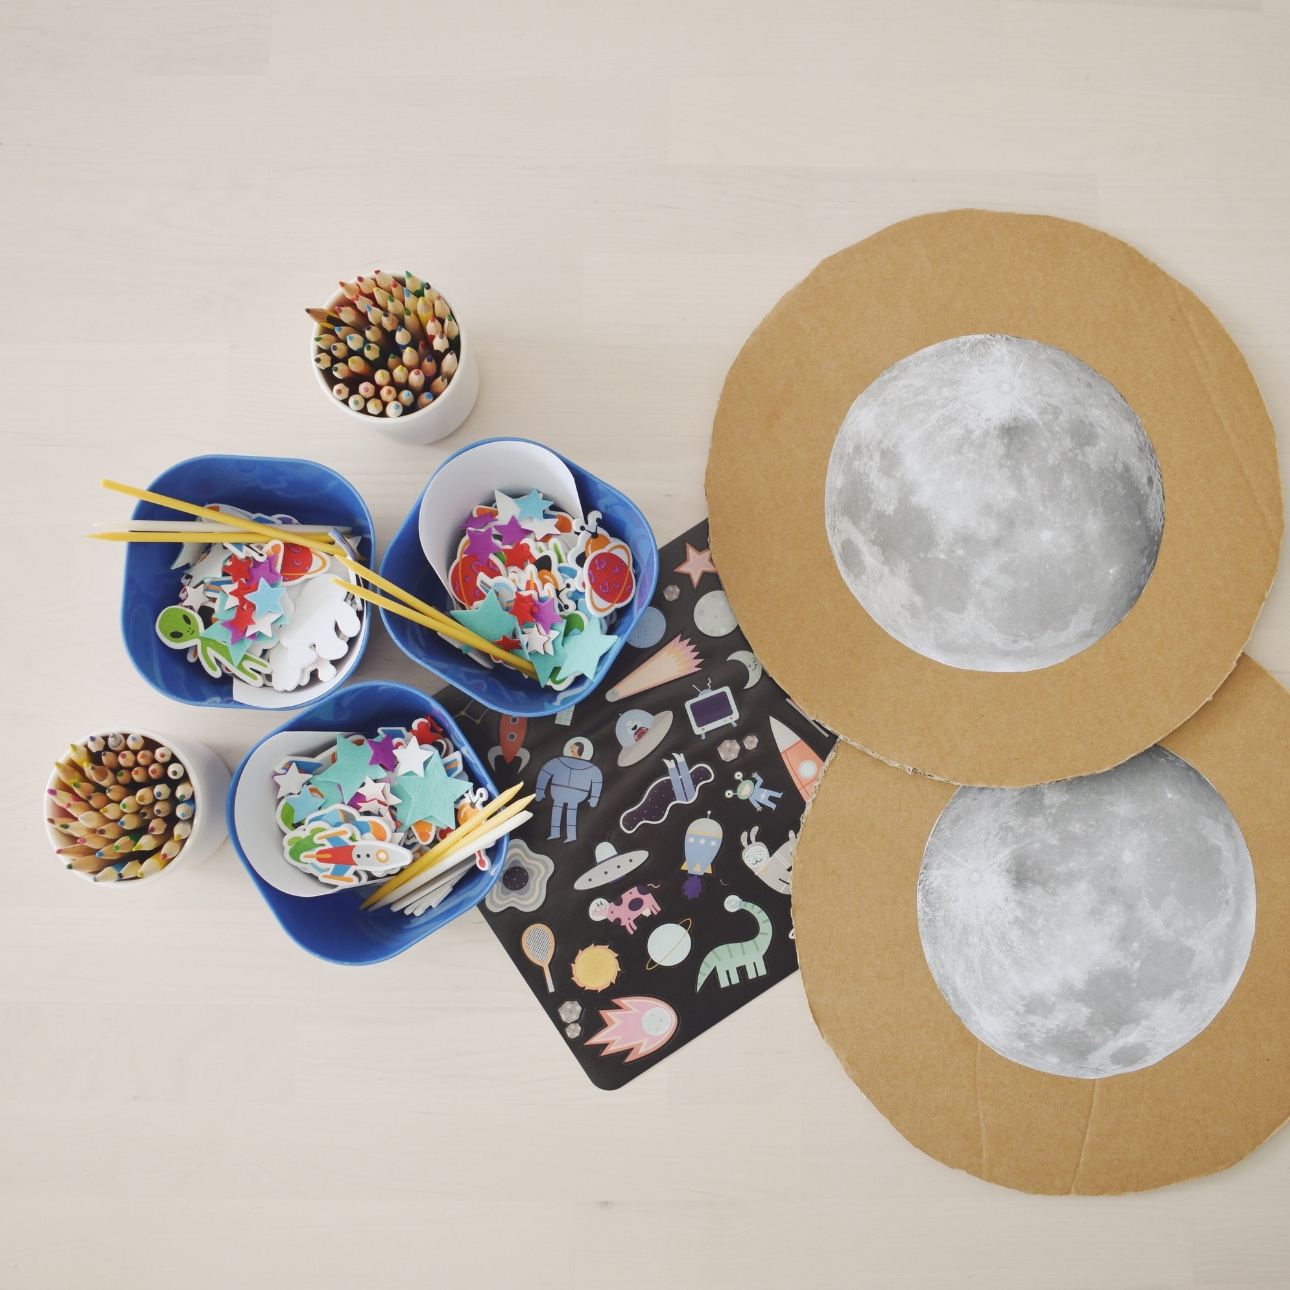 space party kinderfeestje maan versieren spullen